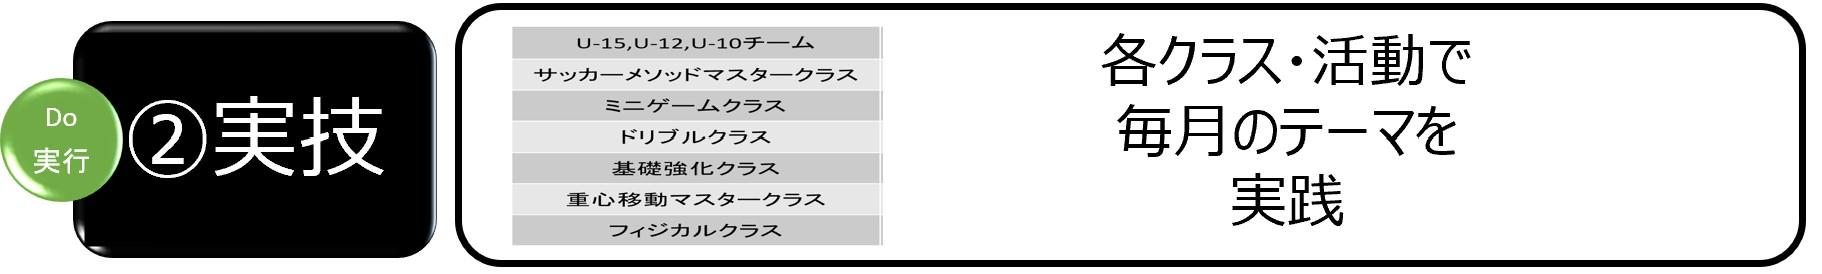 アカデミー育成サイクル_②実技_20210520